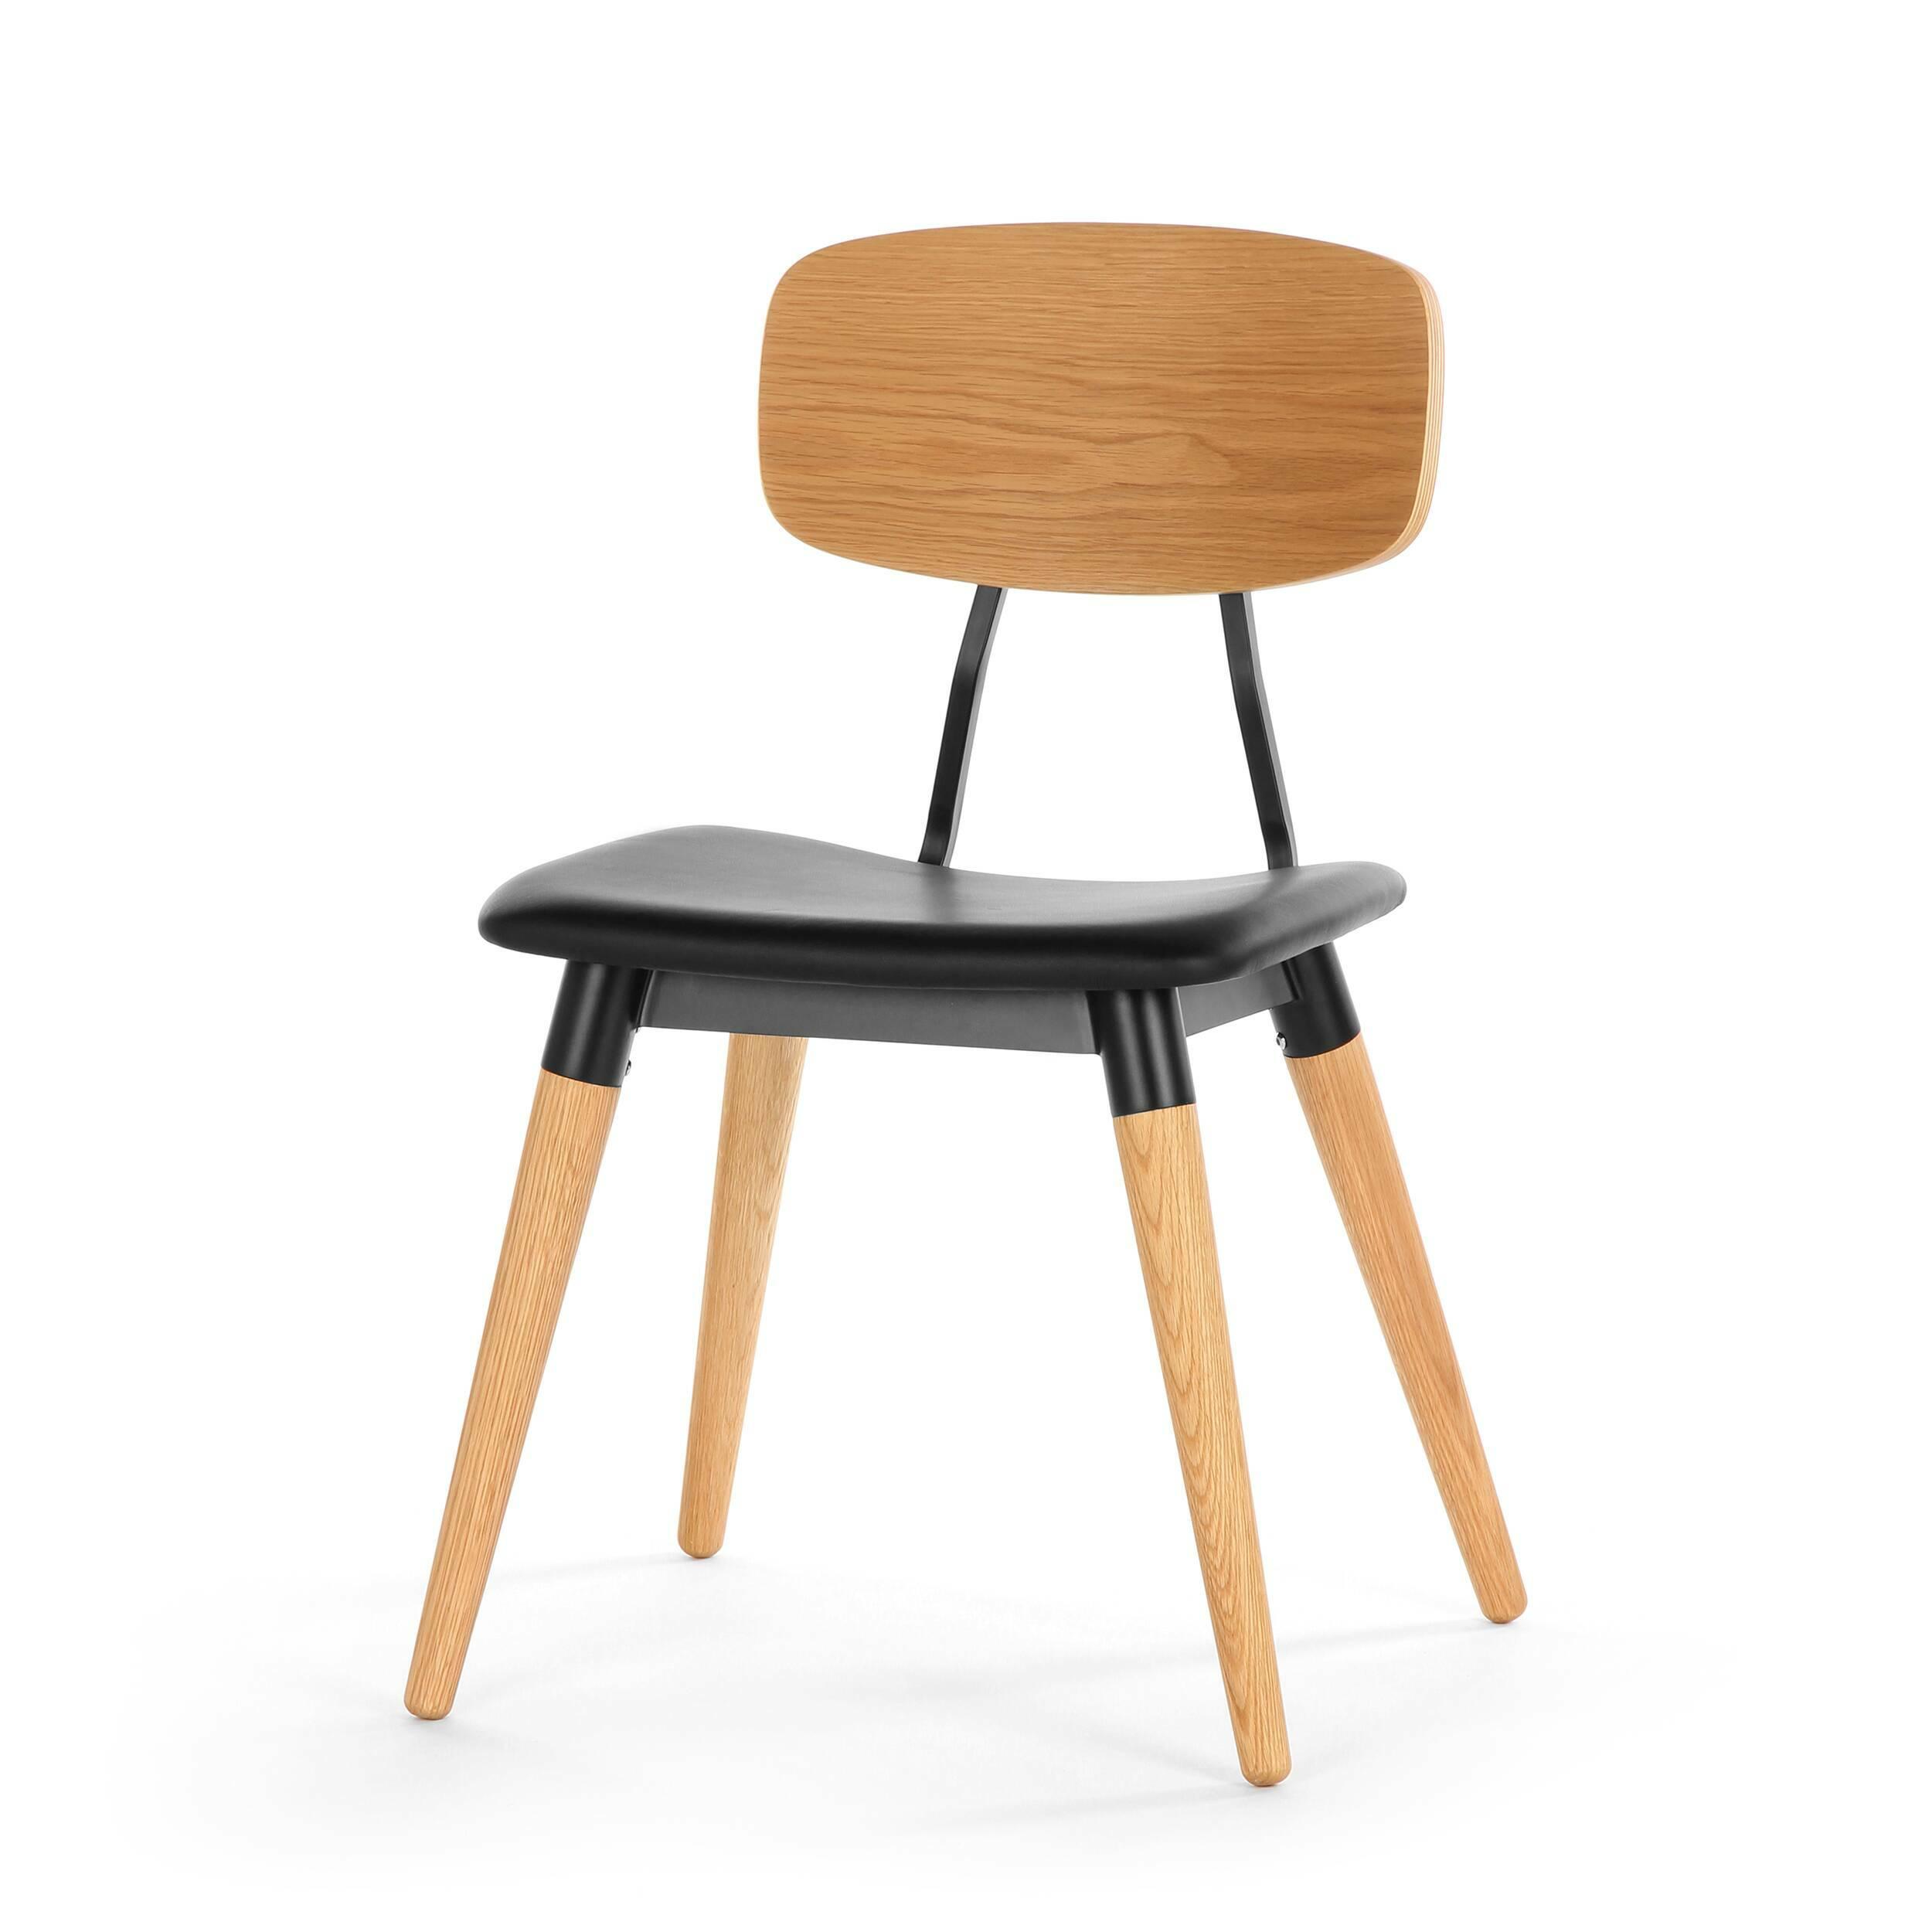 Стул CopineИнтерьерные<br>Дизайнерский стул SD9187US простой формы из дерева и металла с кожаным сиденьем от Cosmo (Космо).<br><br> Стул Copine — это гармоничное сочетание простоты и стильности. Минималистичное решение отсылает нас к модернизму середины ХХ века, продуманность деталей обеспечивает максимальный комфорт. Эргономичной формы сиденье и спинка при всей своей кажущейся незамысловатости очень удобны, аккуратные устойчивые ножки не будут скользить благодаря специальным насадкам — продуман буквально каждый элемент.<br>...<br><br>stock: 0<br>Высота: 81<br>Высота сиденья: 45<br>Ширина: 51,5<br>Глубина: 51<br>Цвет ножек: Дуб<br>Цвет спинки: Дуб<br>Материал ножек: Массив дуба<br>Тип материала каркаса: Сталь<br>Цвет сидения: Черный<br>Тип материала сидения: Кожа<br>Коллекция ткани: Standart Leather<br>Тип материала ножек: Дерево<br>Цвет каркаса: Черный